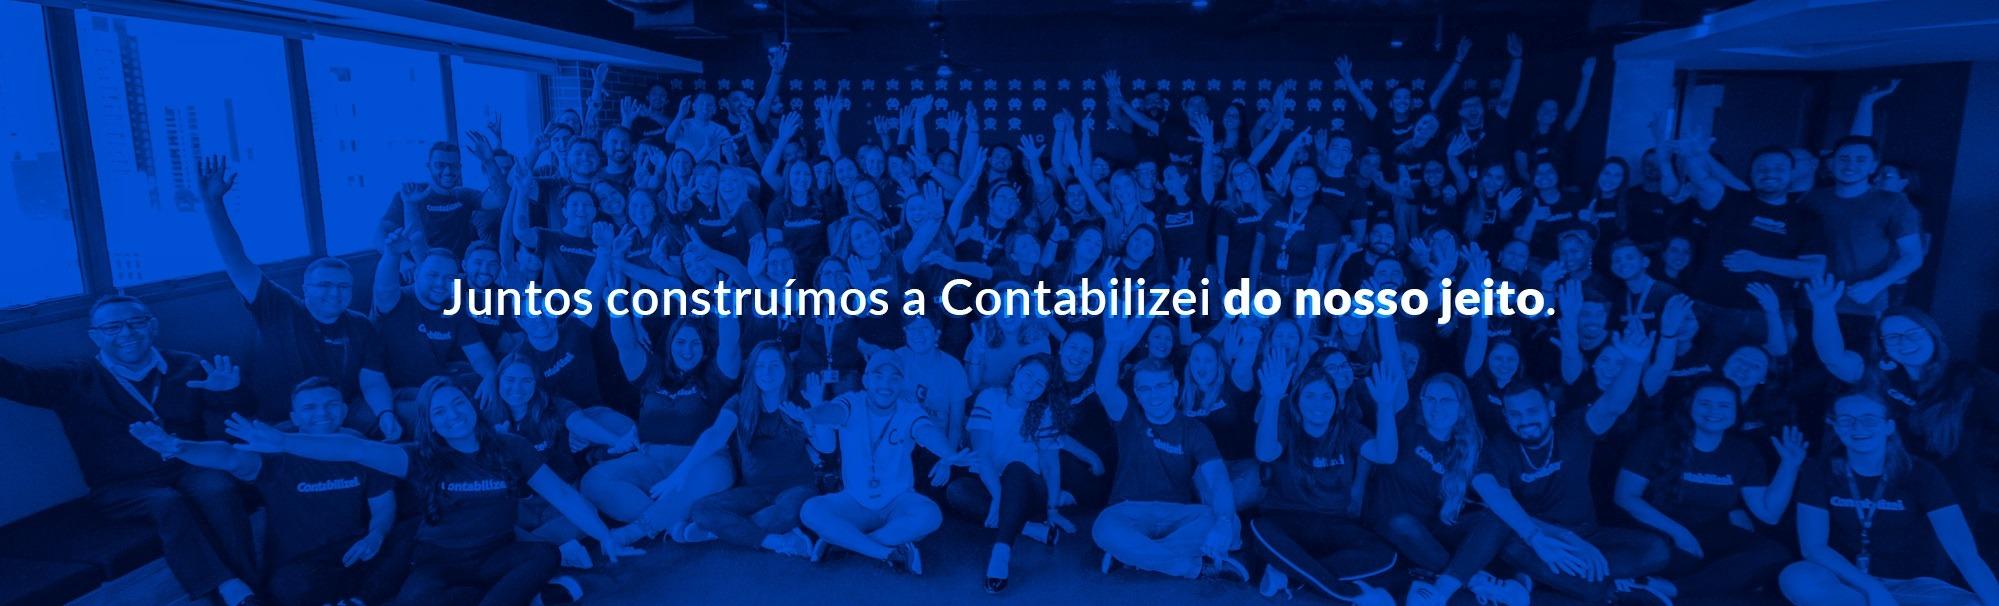 Inside Sales - Closer - São Paulo